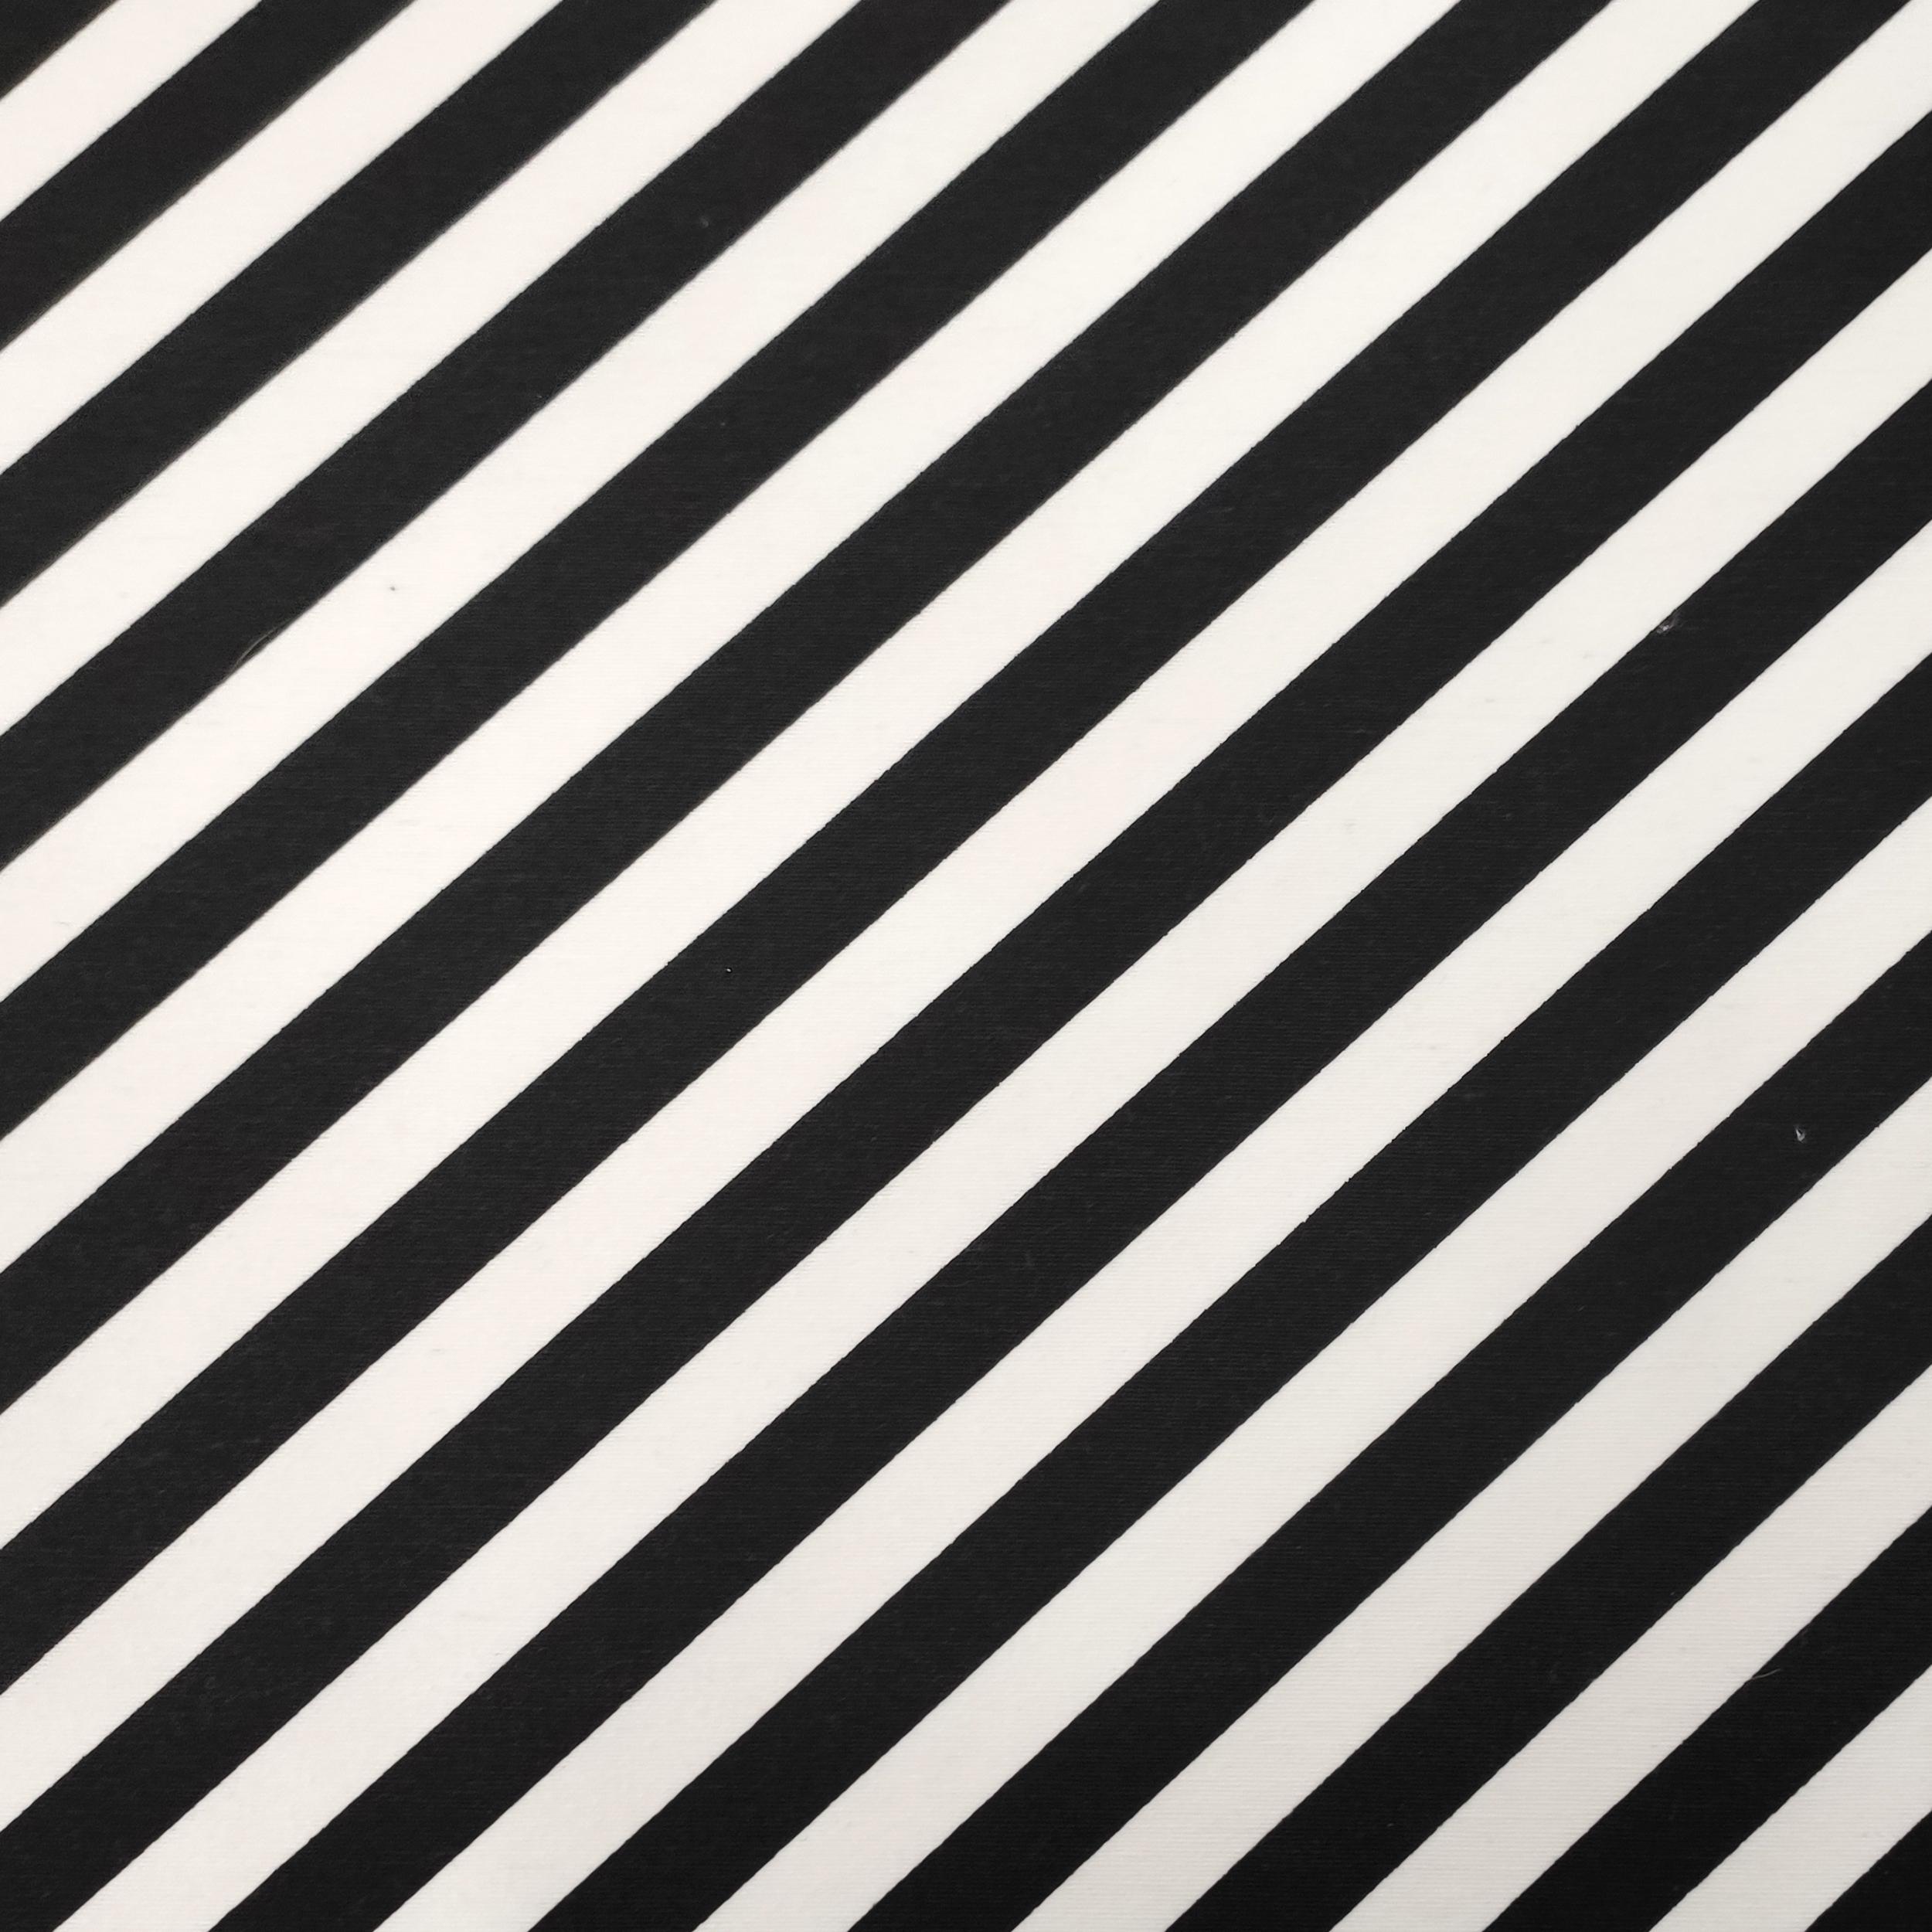 Tessuto Misto Cotone con Linee Oblique